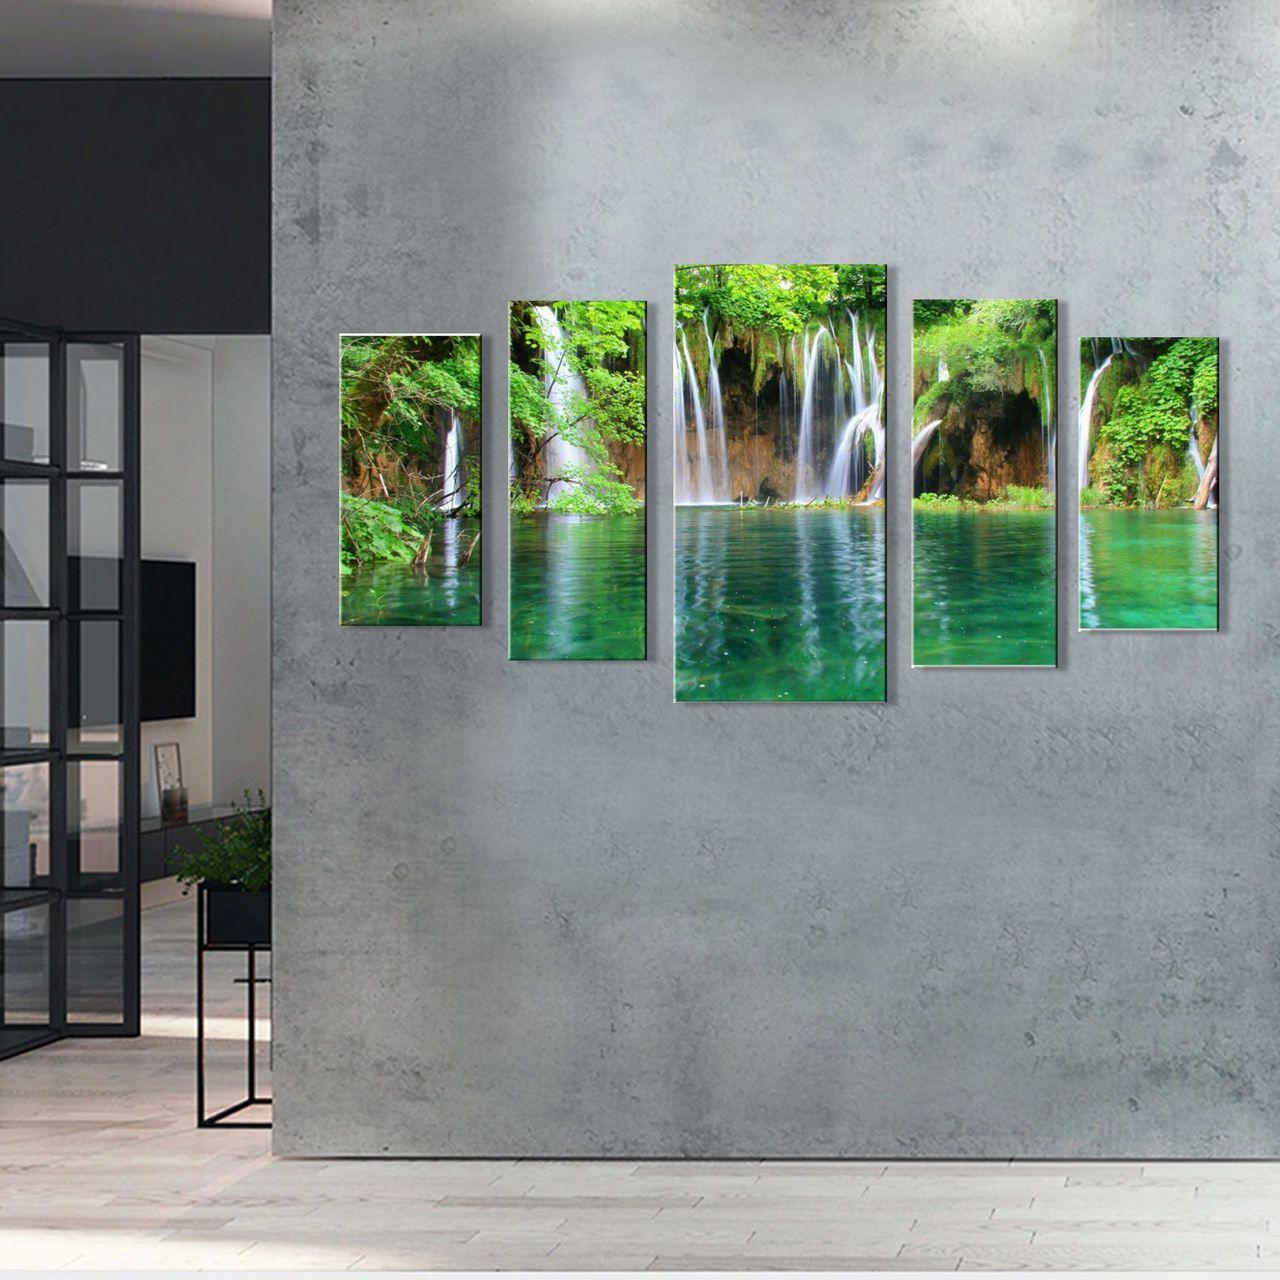 Quadro Decorativo Paisagem Cachoeira Com Rio 5 peças M2